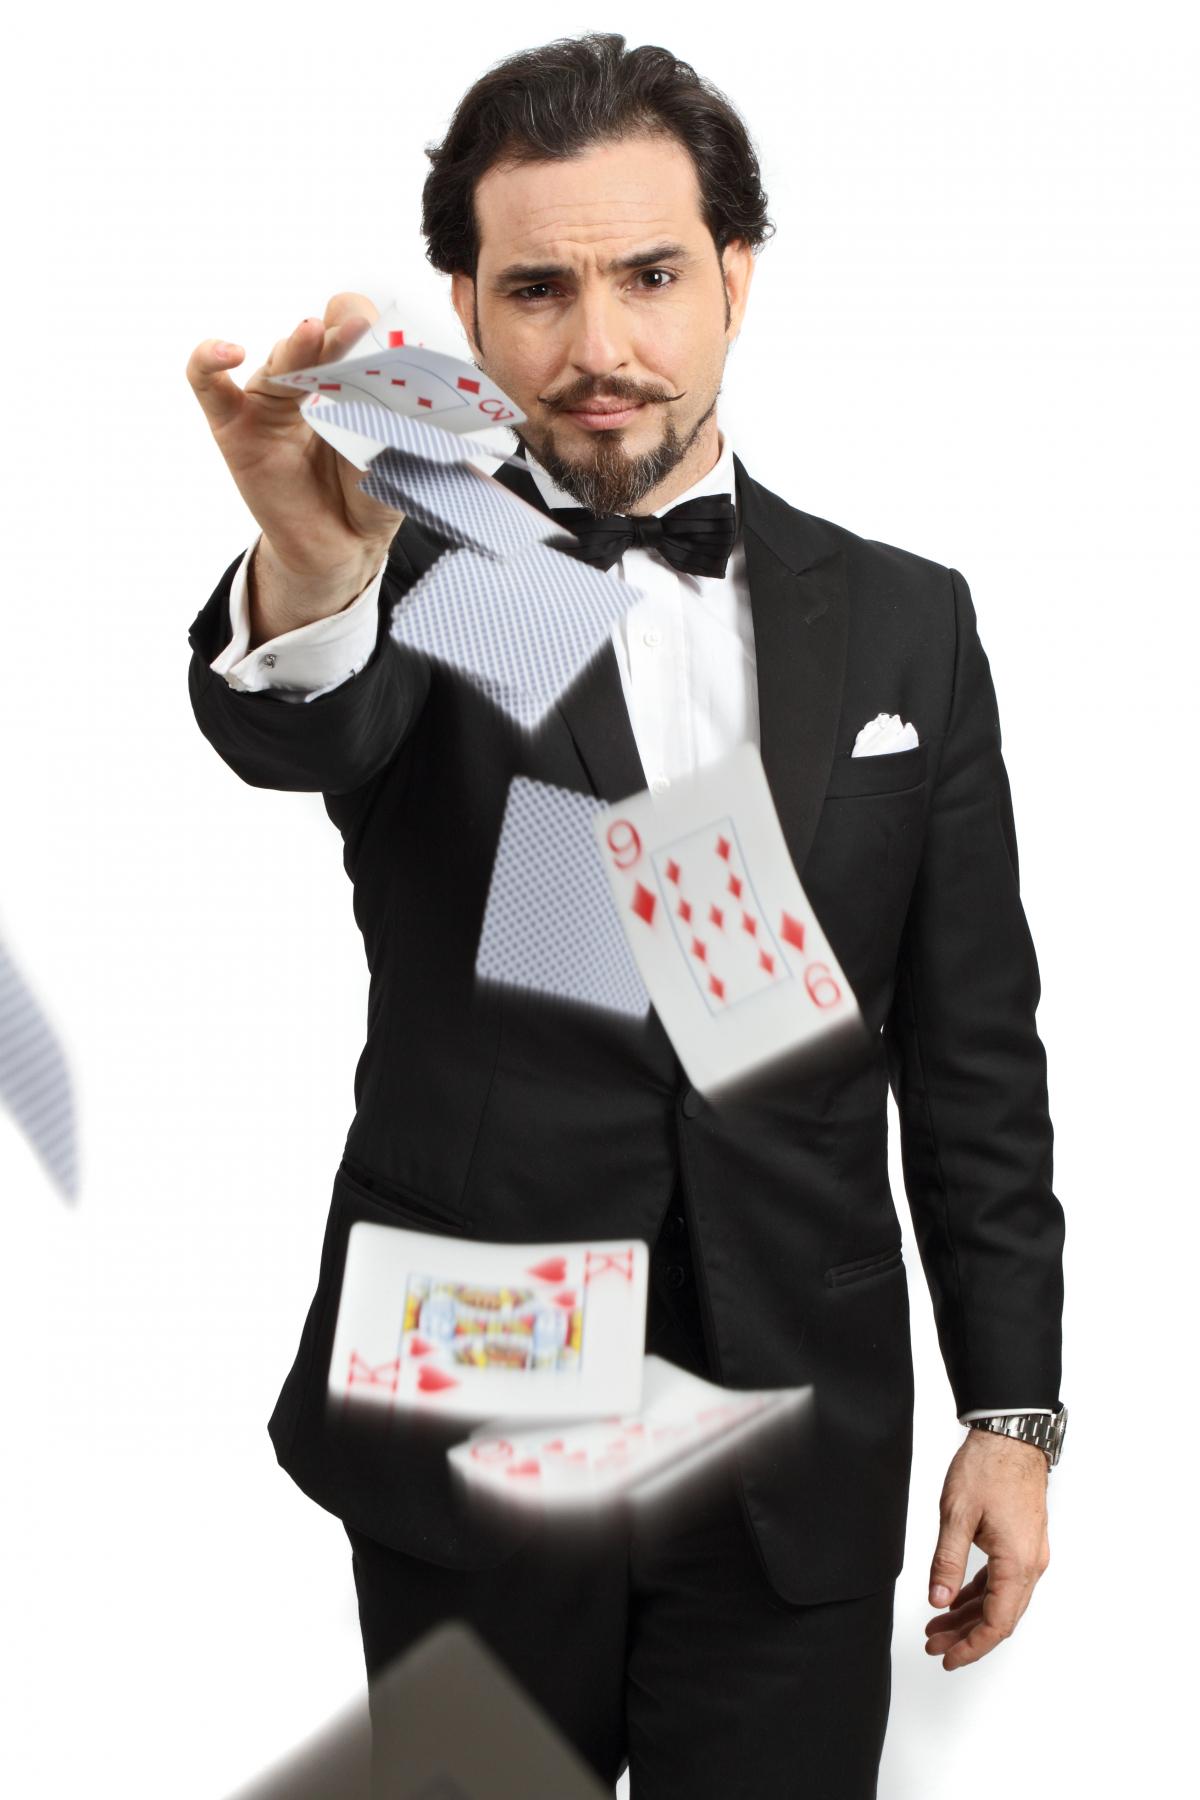 O mago chileno Mauricio Dollenz fará mágicas para o público - Divulgação/ND